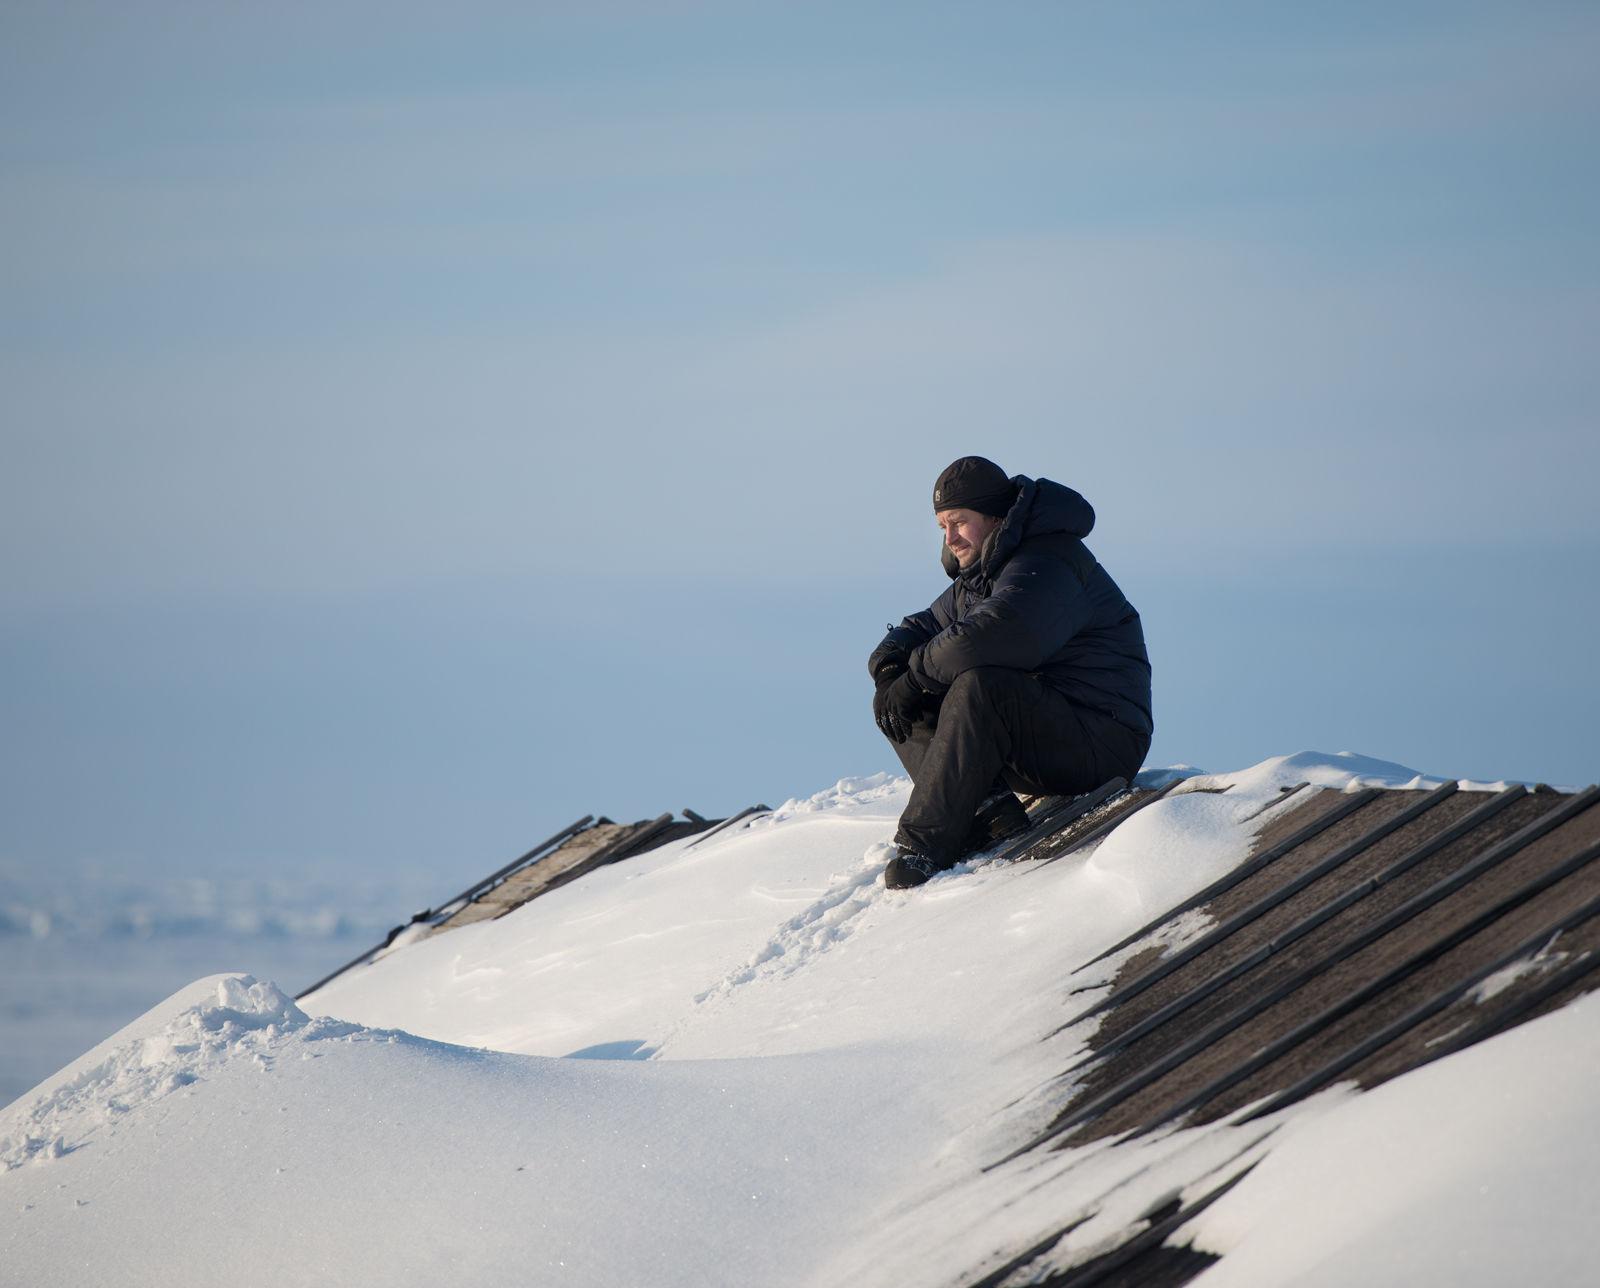 Заместитель директора по науке Института проблем экологии Сергей Найденко в экспедиции на о. Вайгач